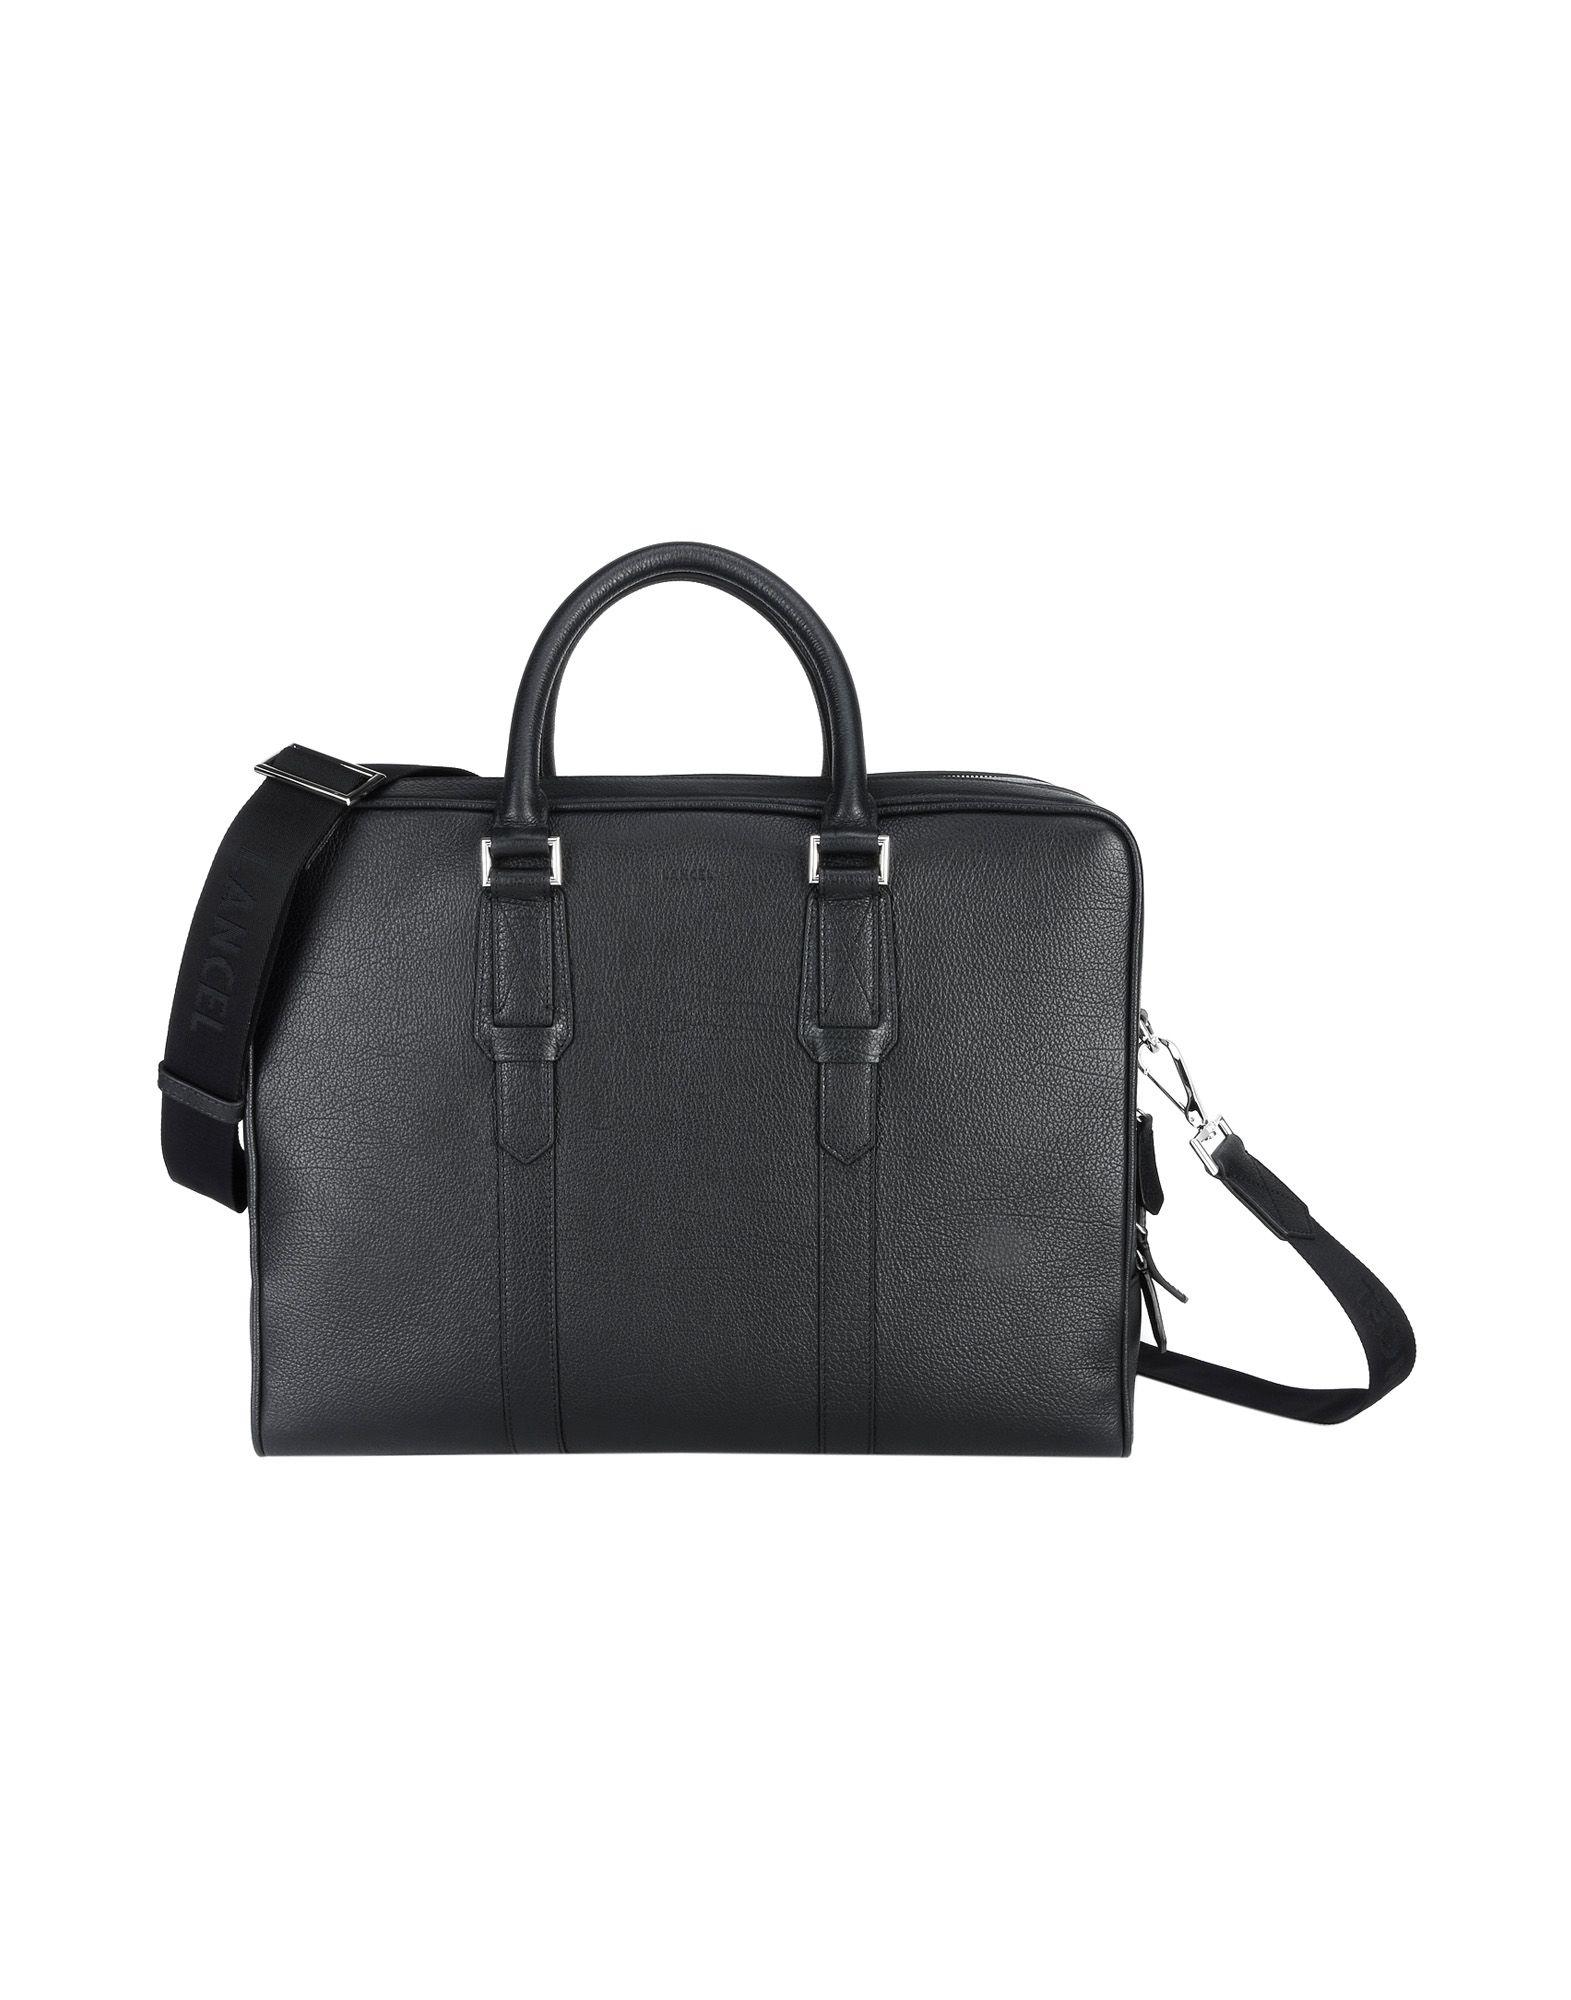 Borsa Da Lavoro Lancel Oscar Grained Leather - Donna - Acquista online su